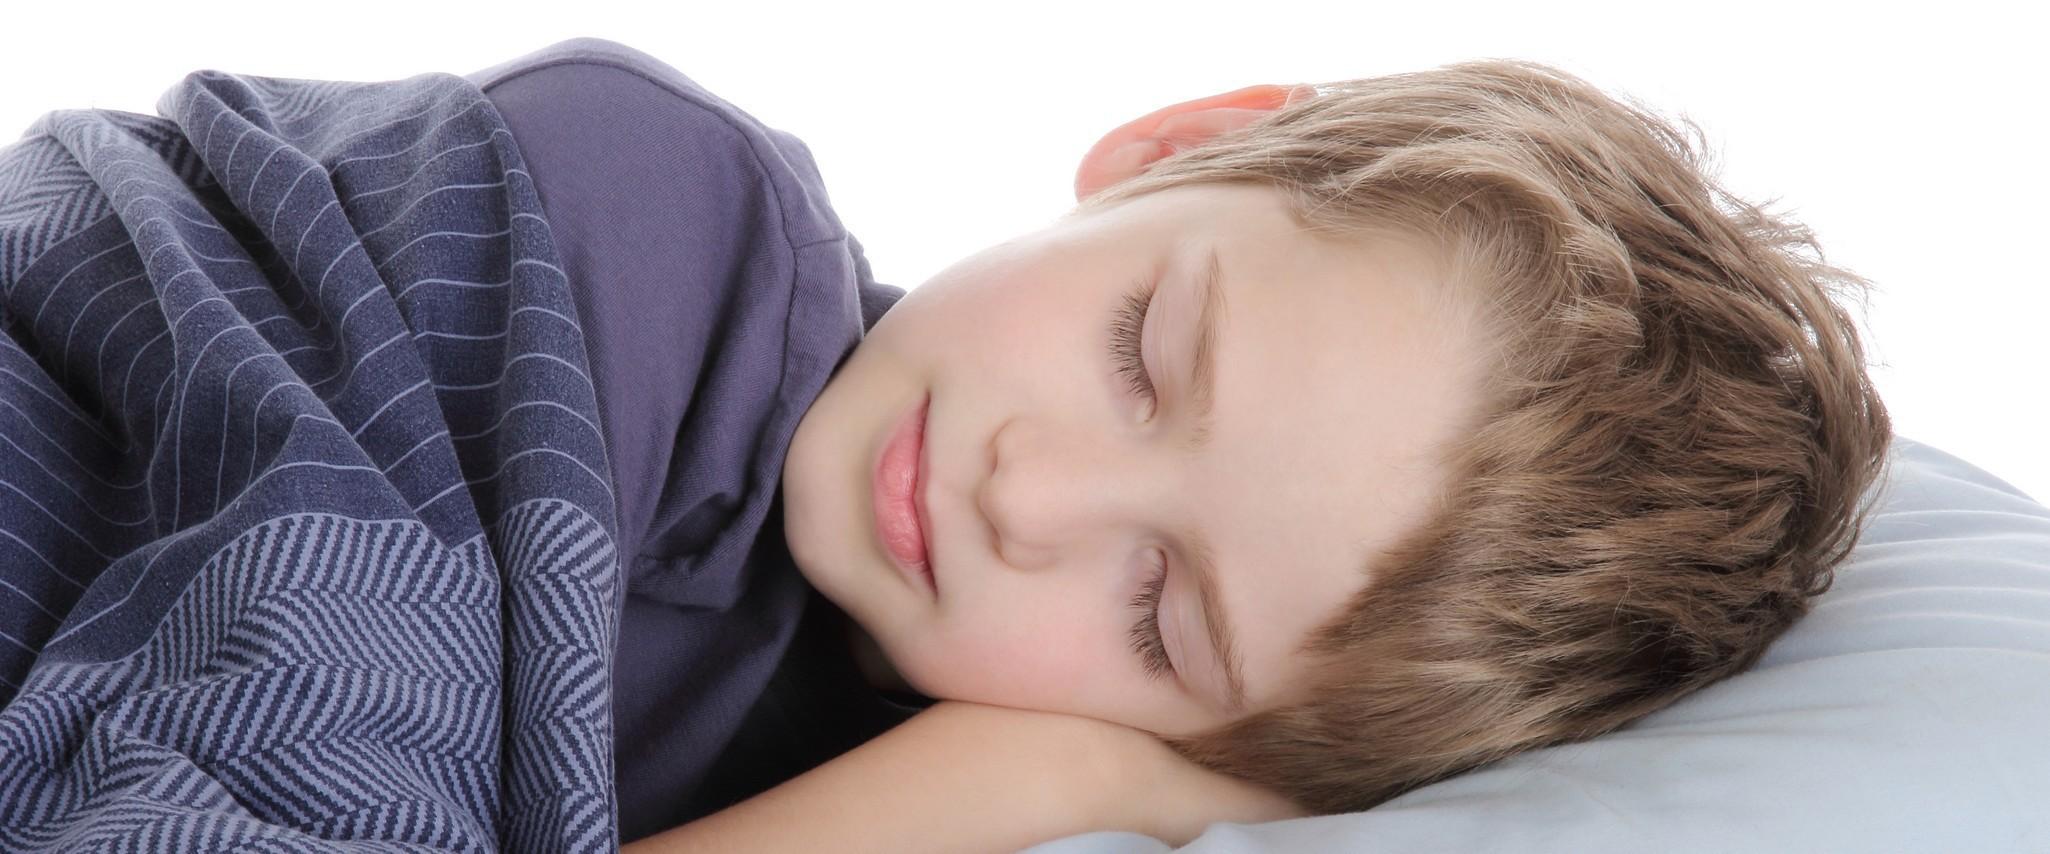 Seien Sie beruhigt während er/sie schläft